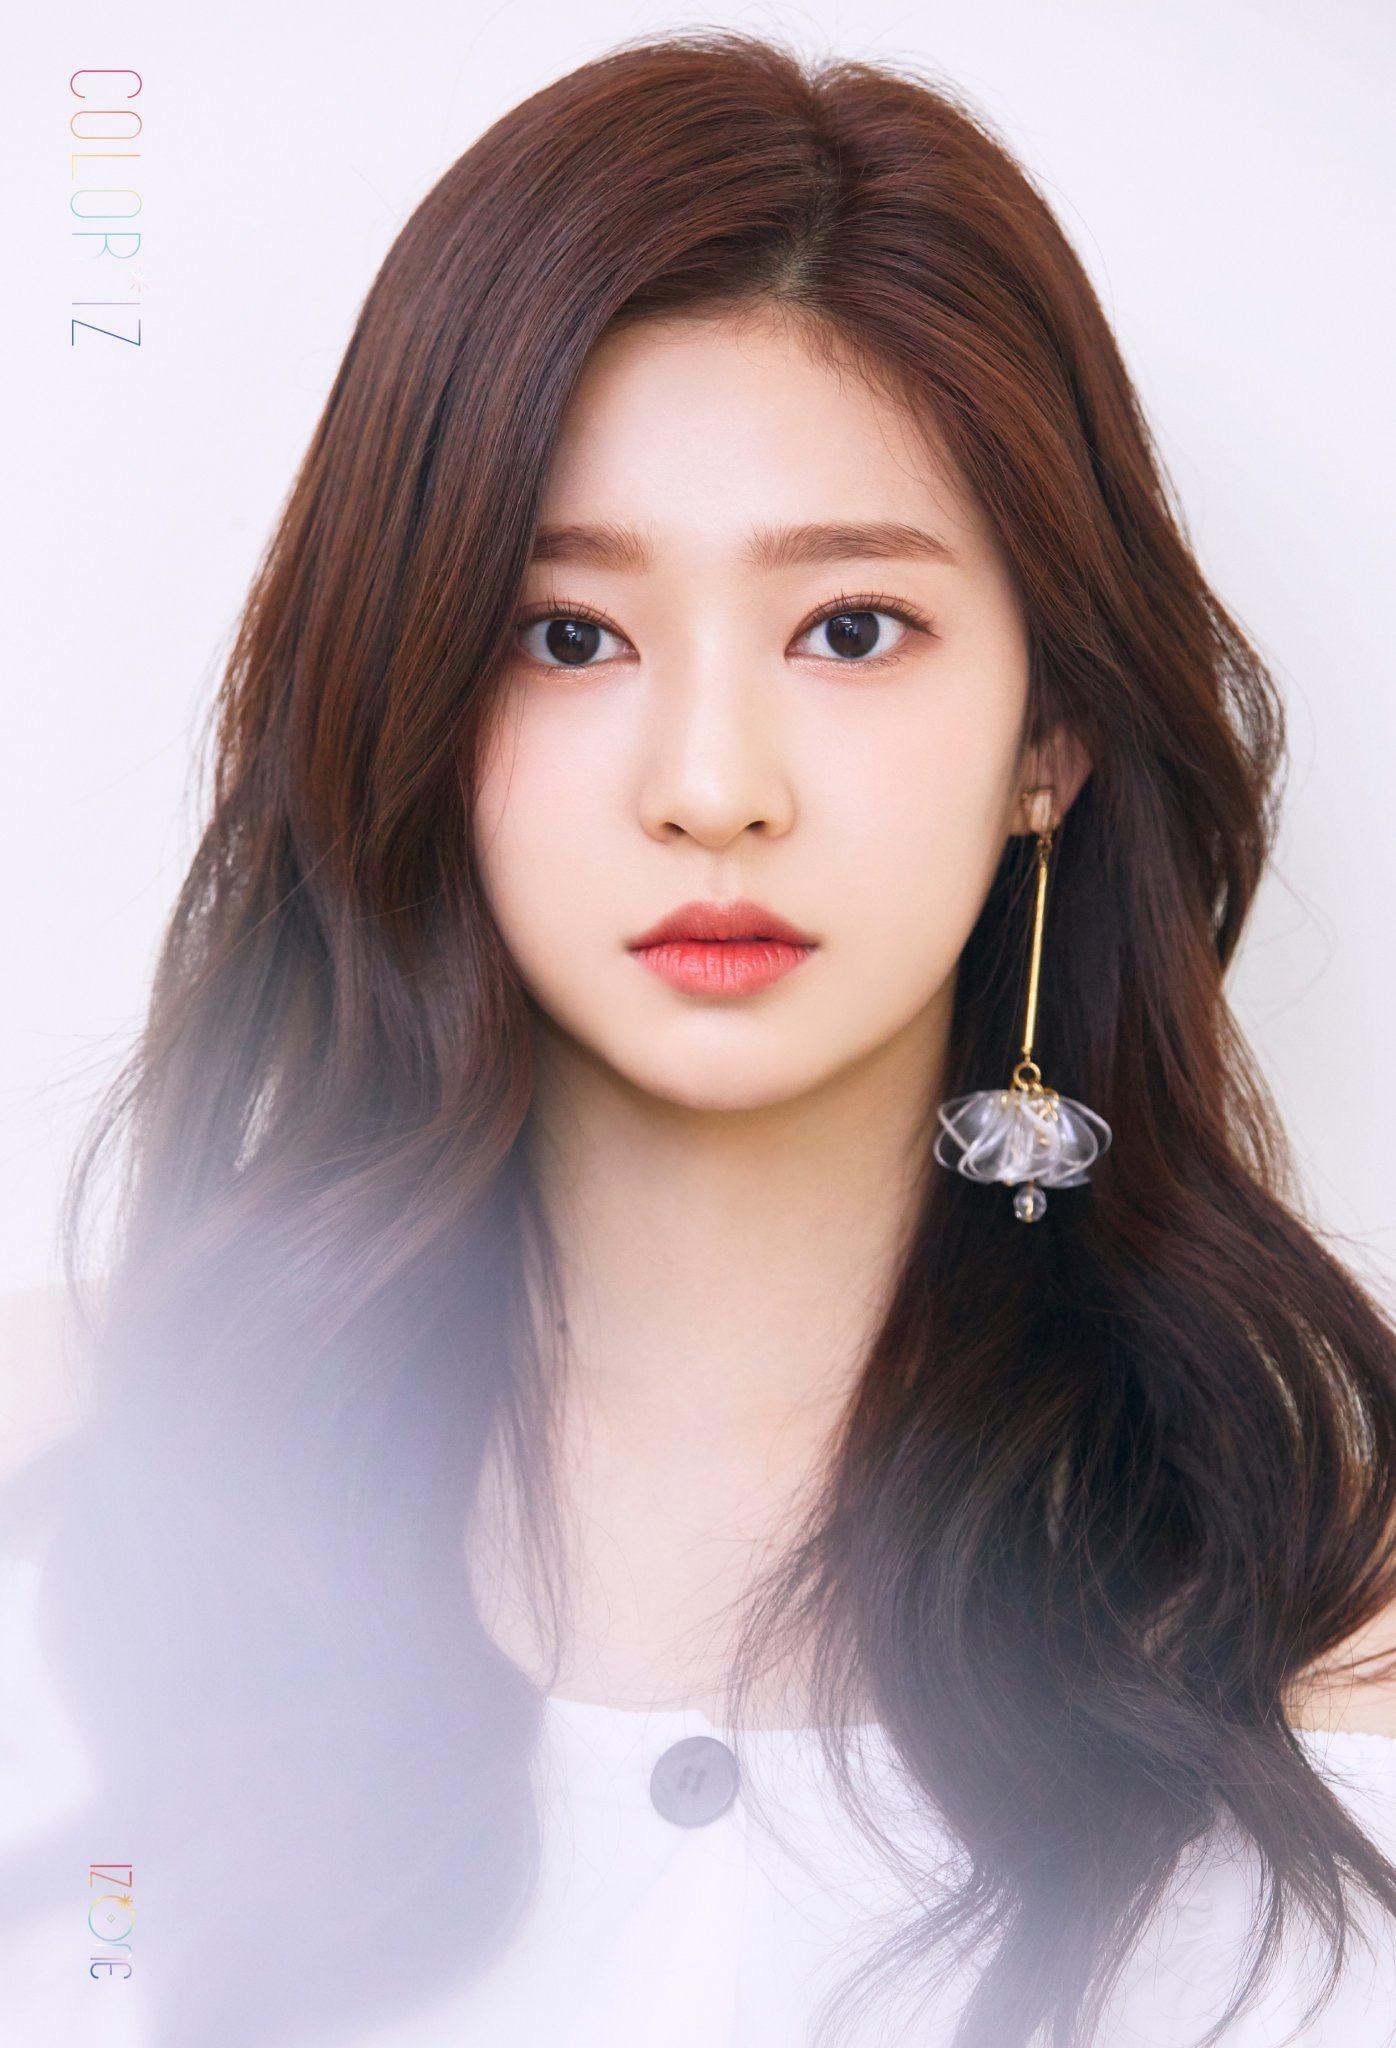 Sao nữ Hàn gây chú ý nhờ đạt đỉnh cao nhan sắc qua những lần tái xuất thần thánh - Ảnh 18.